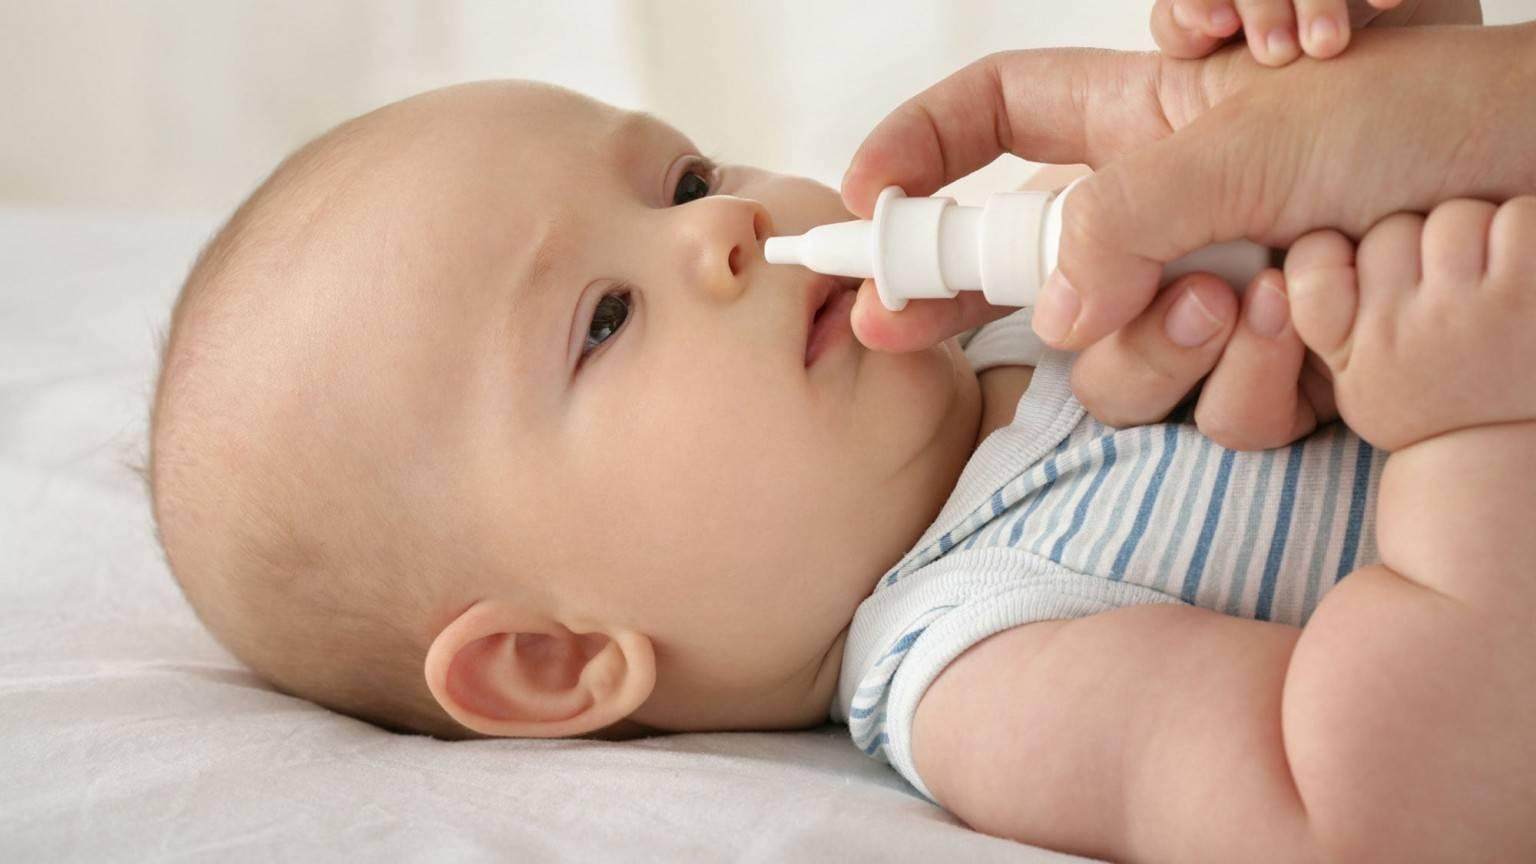 Насморк у новорожденного: как и чем лечить ринит у грудничка